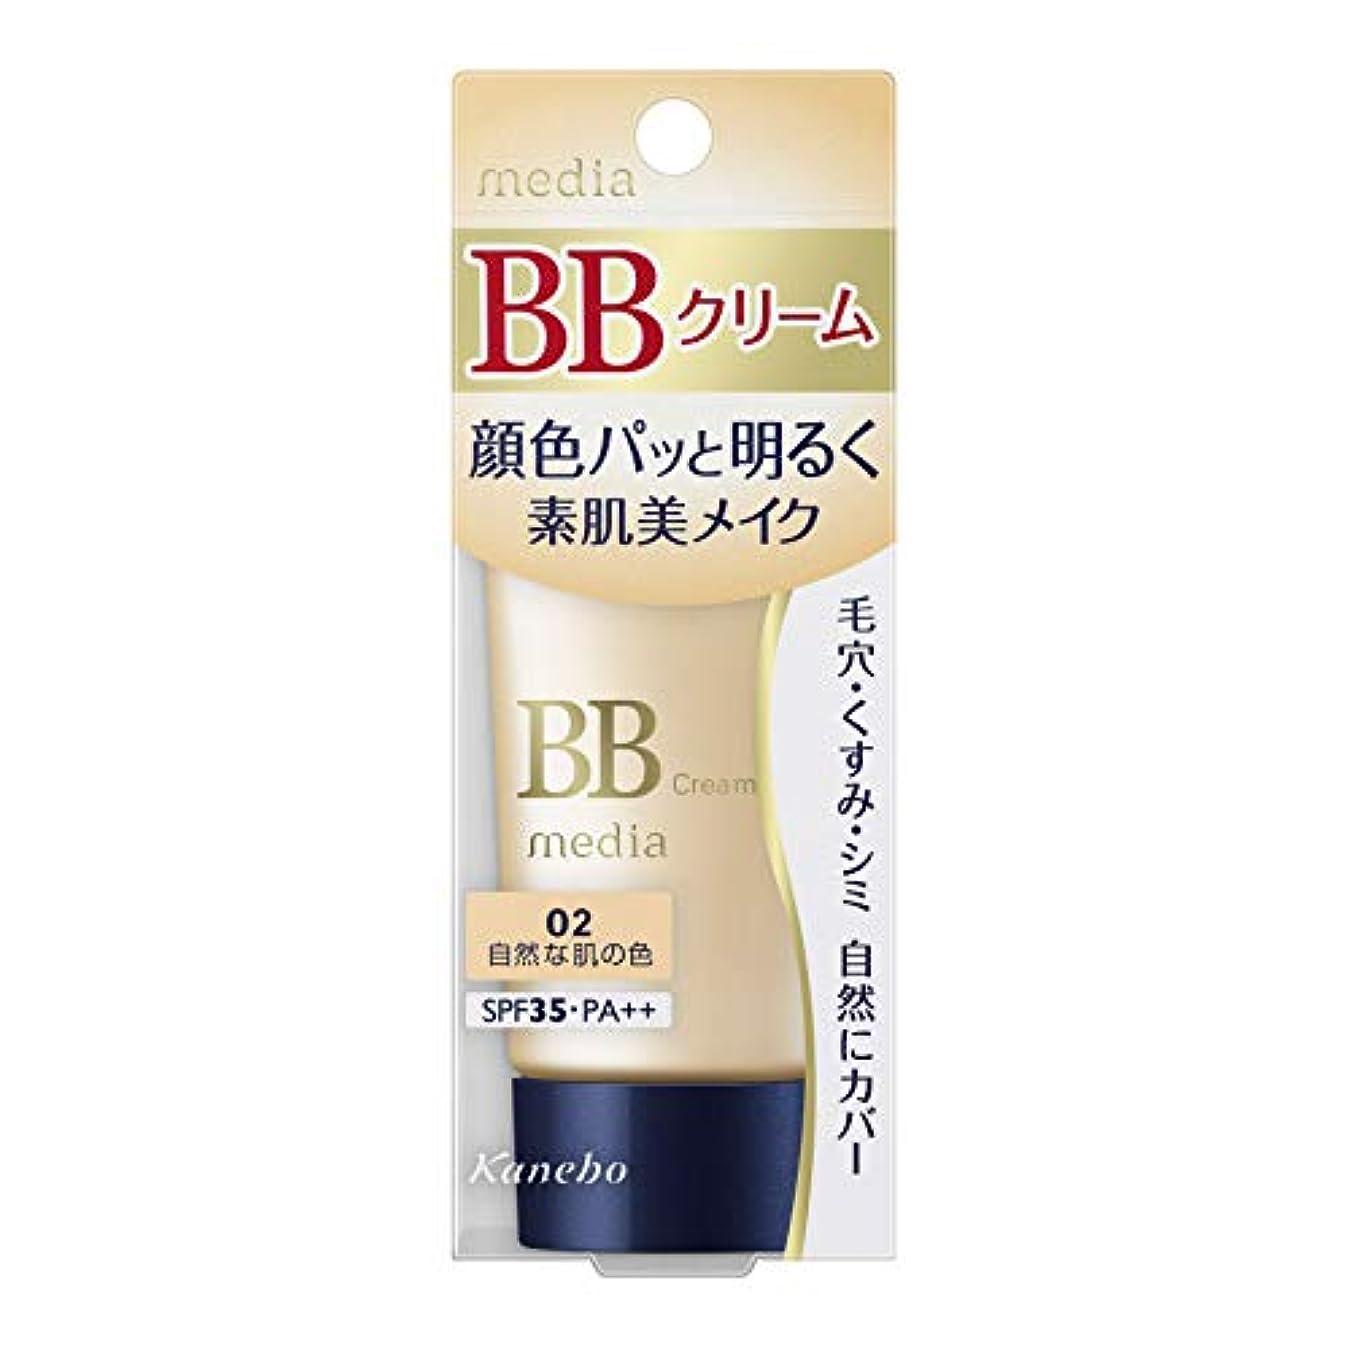 ライオネルグリーンストリート豊富にプロフェッショナルカネボウ化粧品 メディア BBクリームS 02 35g